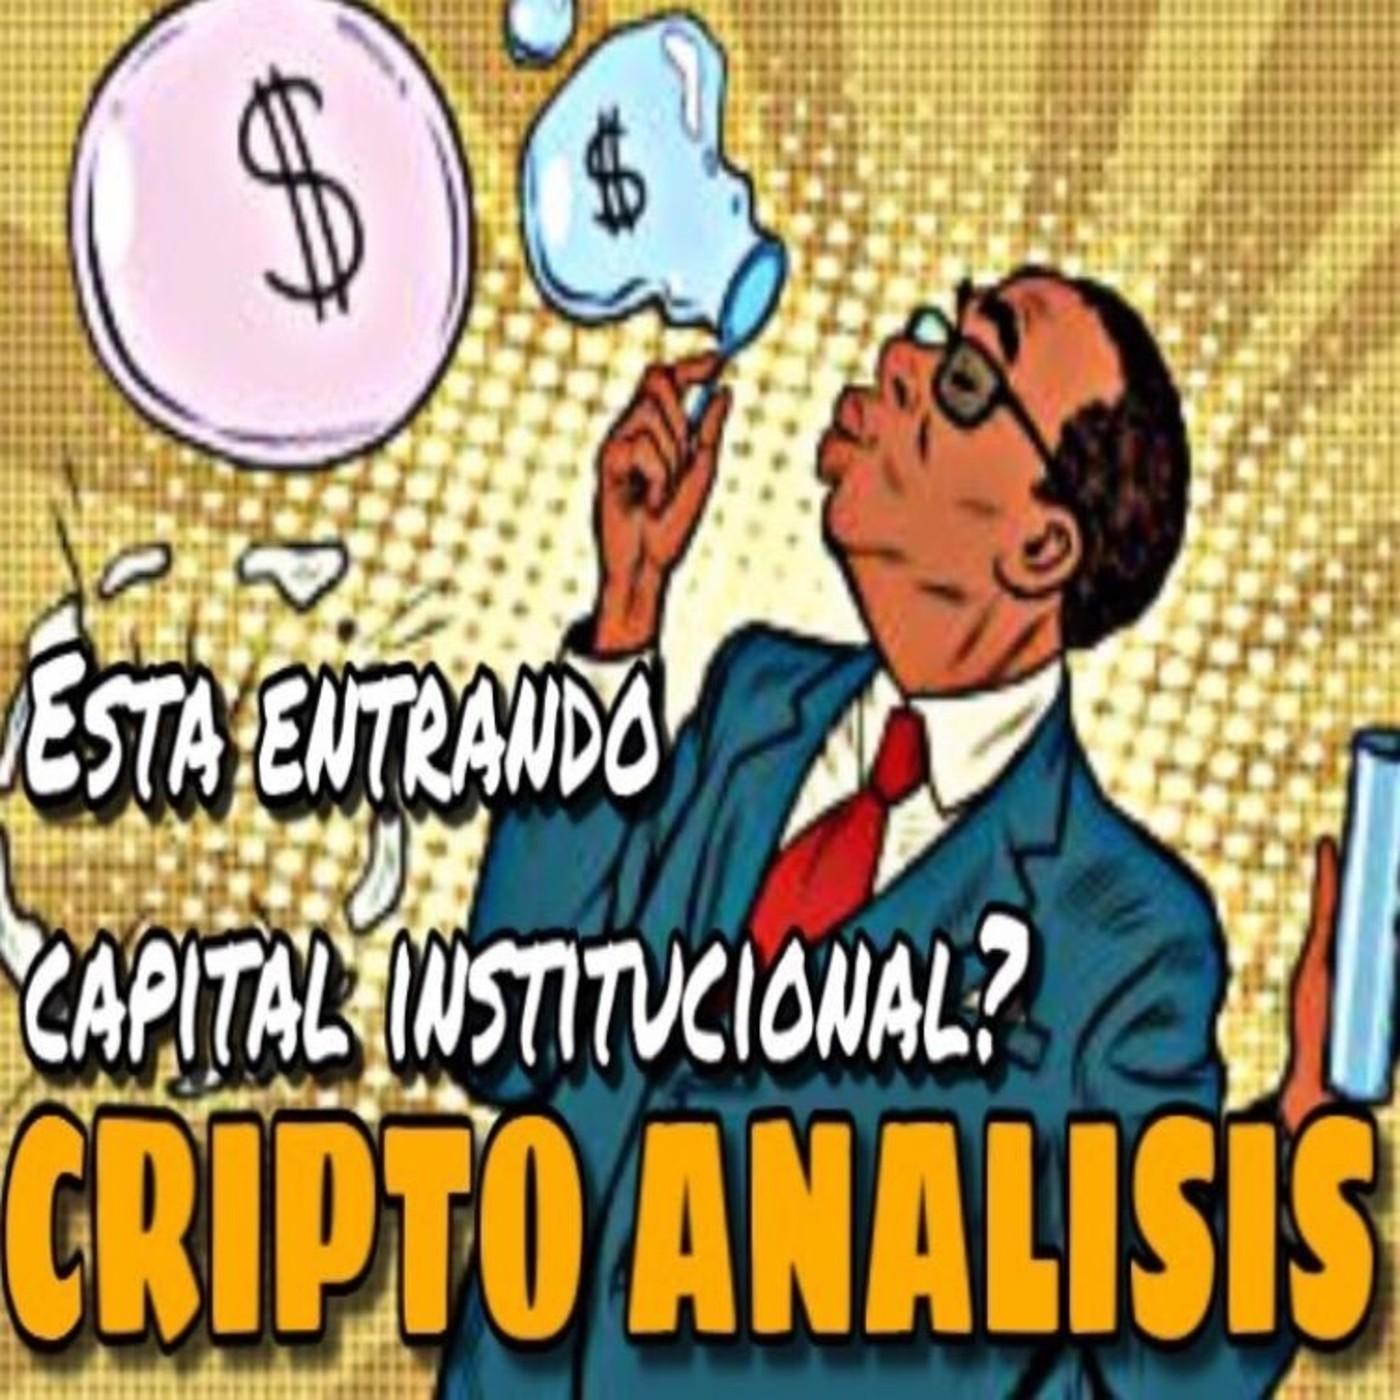 Realmente están entrando los inversionistas institucionales al mercado cripto?